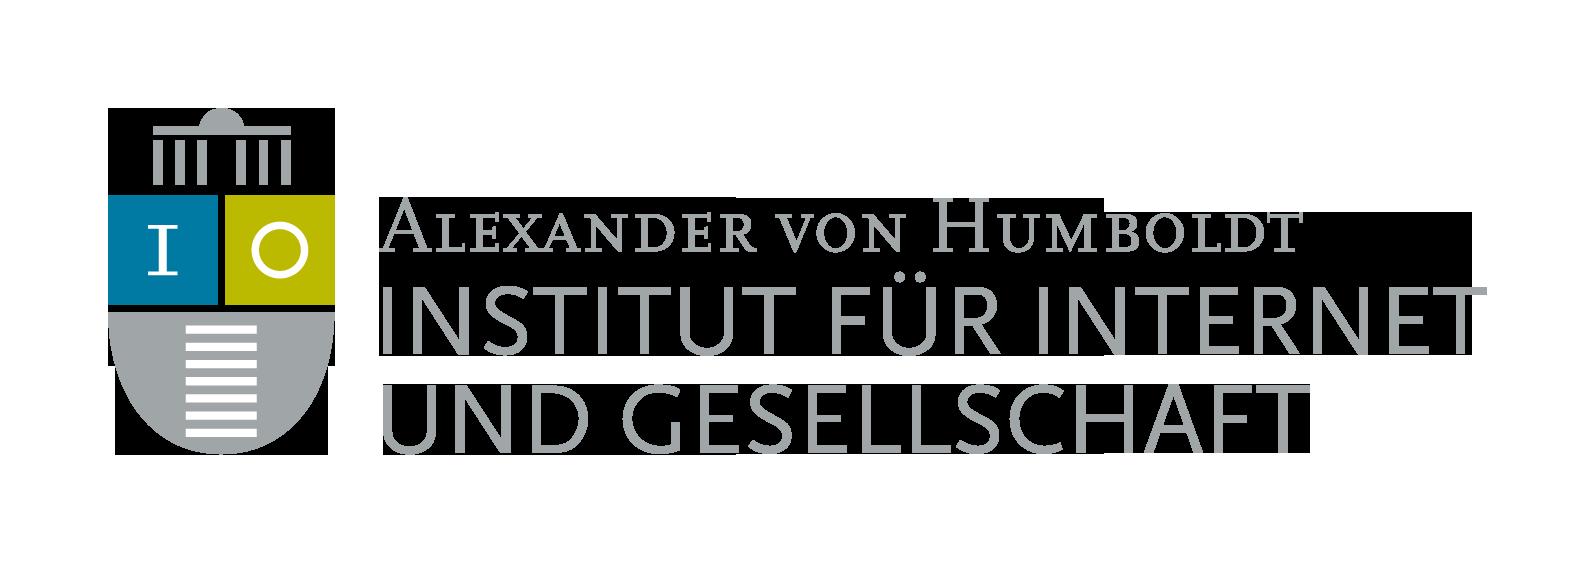 Studentische*r Mitarbeiter*in (m/w/d) in der Forschungsgruppe Public Interest AI (60Std./Monat) - Alexander von Humboldt Institut für Internet und Gesellschaft gGmbH - Logo